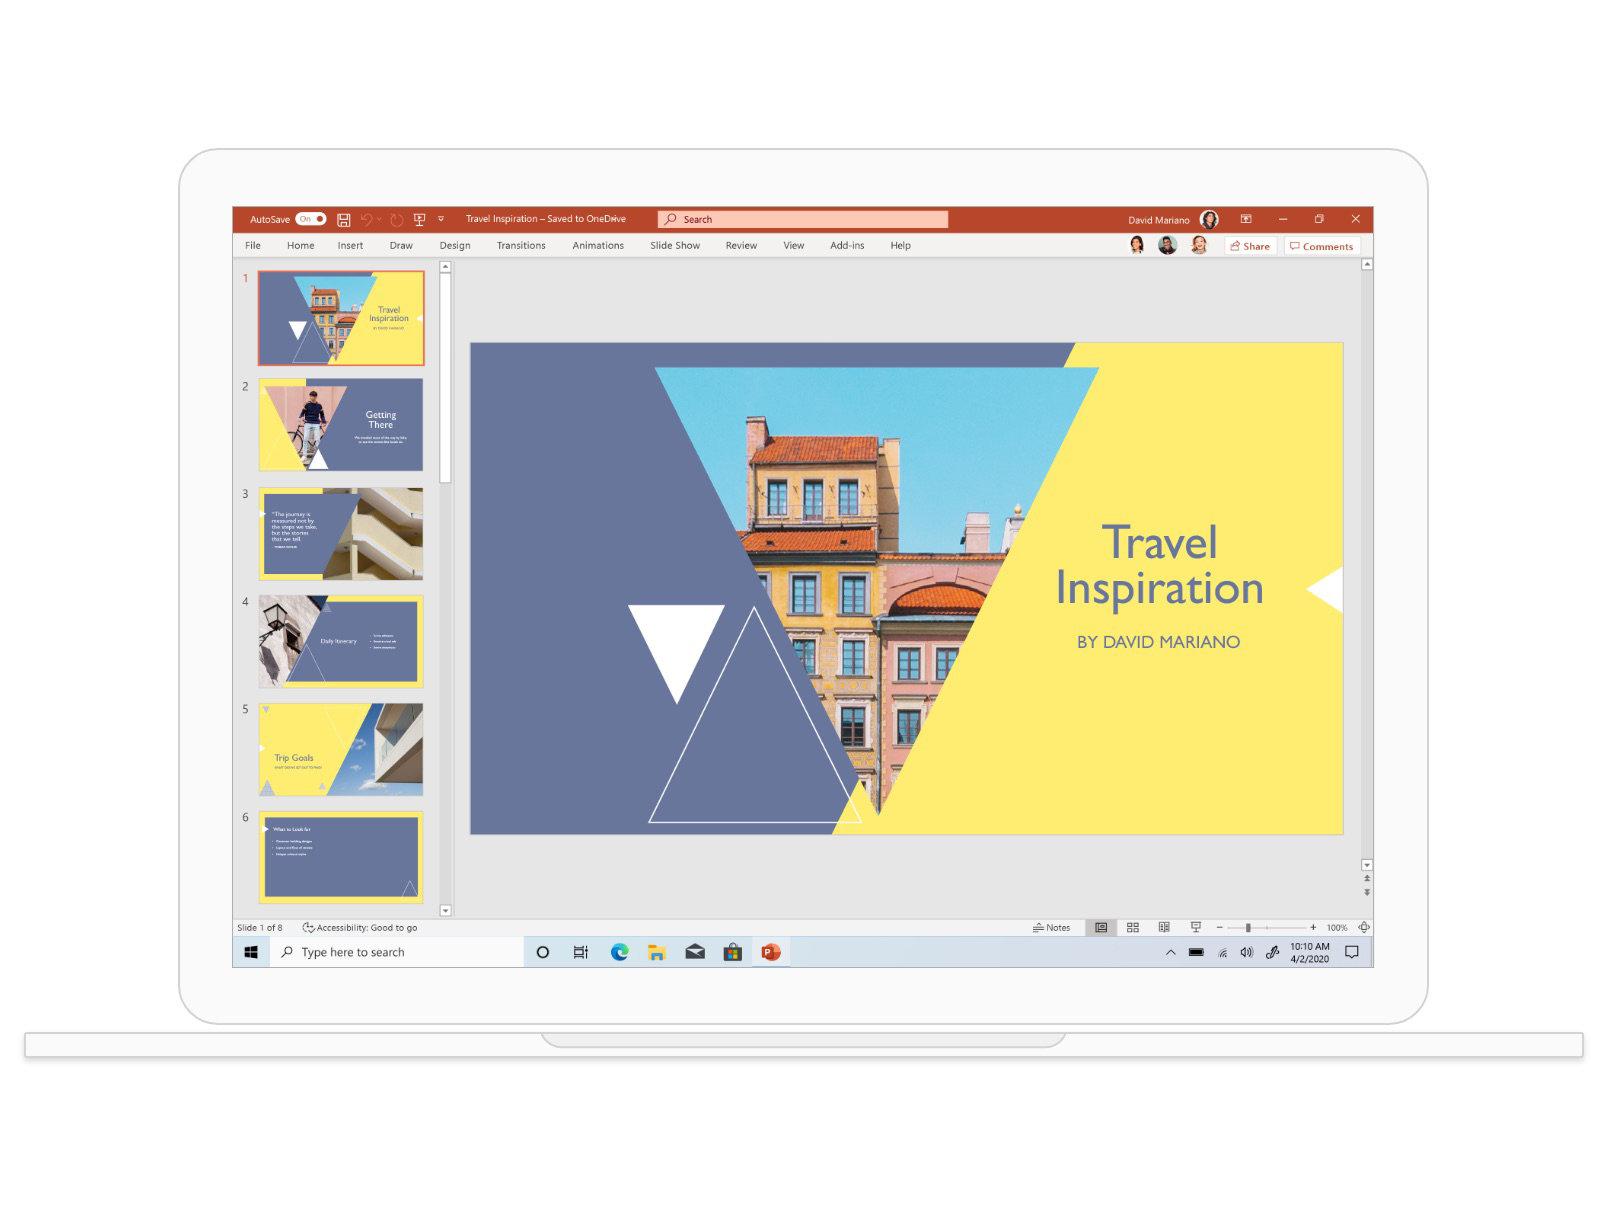 Présentation PowerPoint mettant en avant des idées de voyage avec des photos sur ce thème.